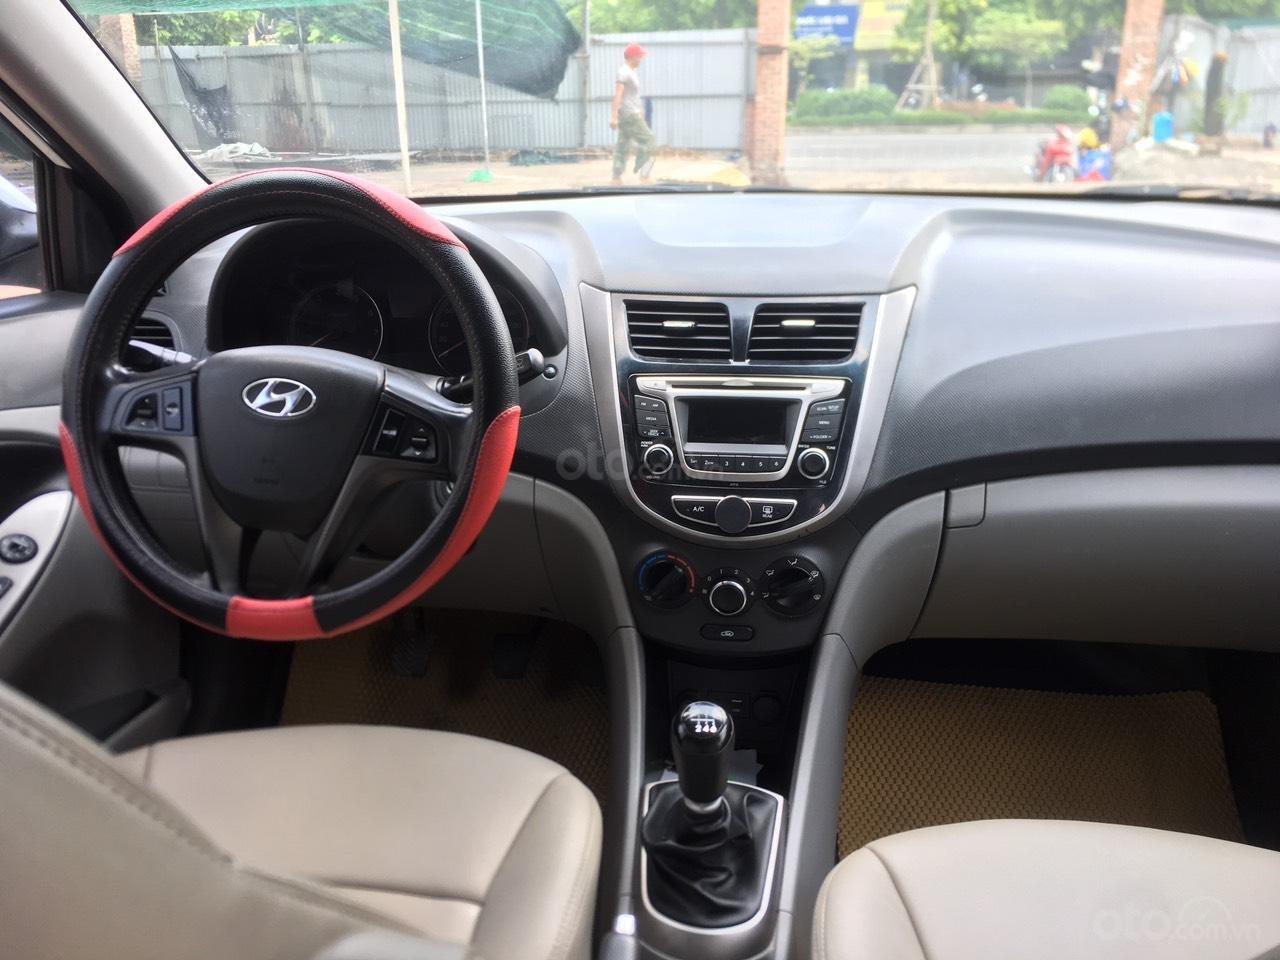 Bán xe Hyundai Accent 2015, màu trắng, nhập khẩu nguyên chiếc (2)